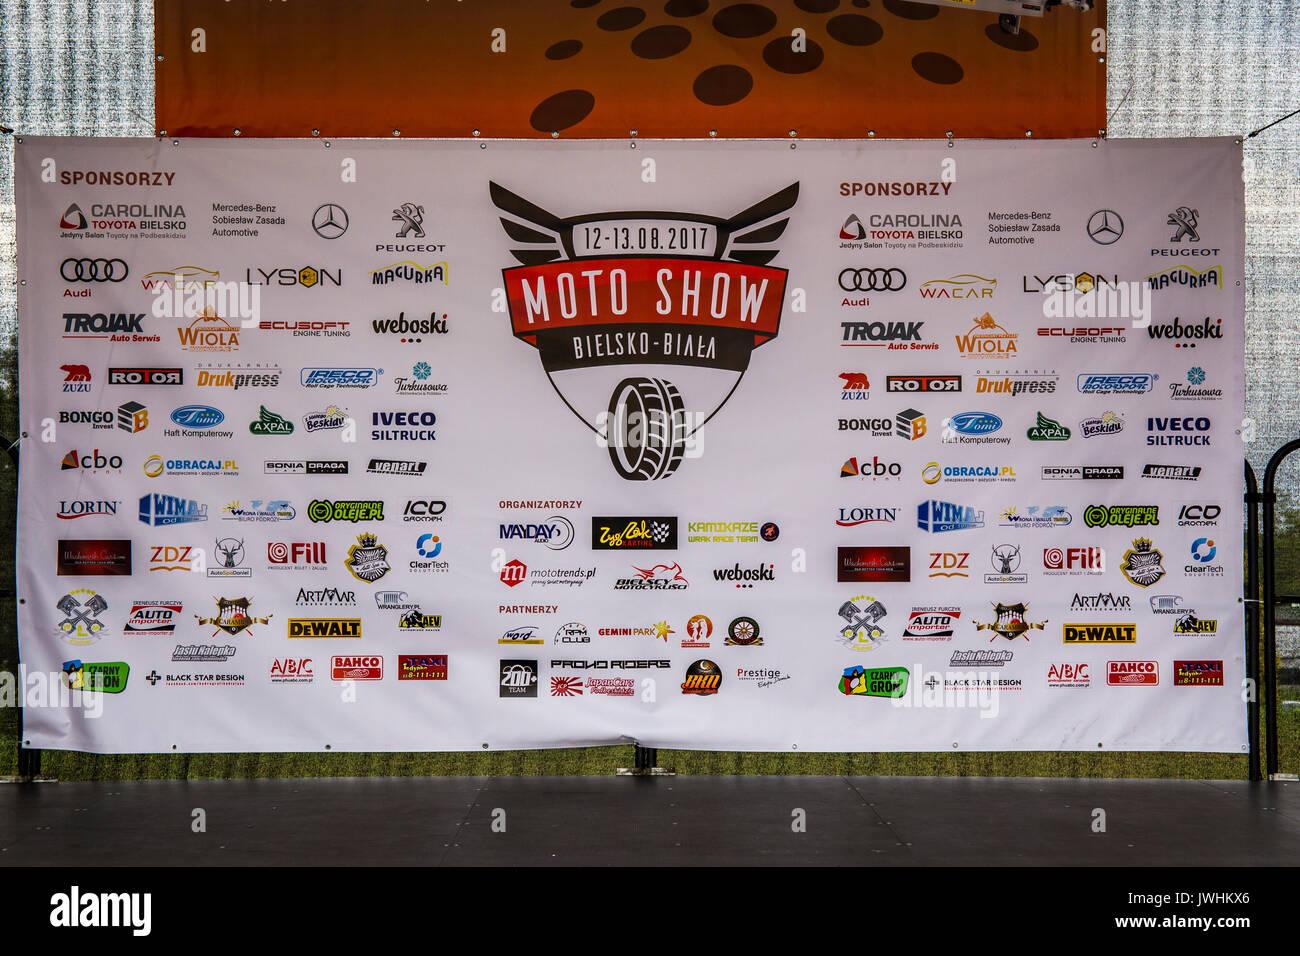 Bielsko-Biala, Poland. 12th Aug, 2017. International automotive trade fairs - MotoShow Bielsko-Biala. Motoshow billboard. Stock Photo